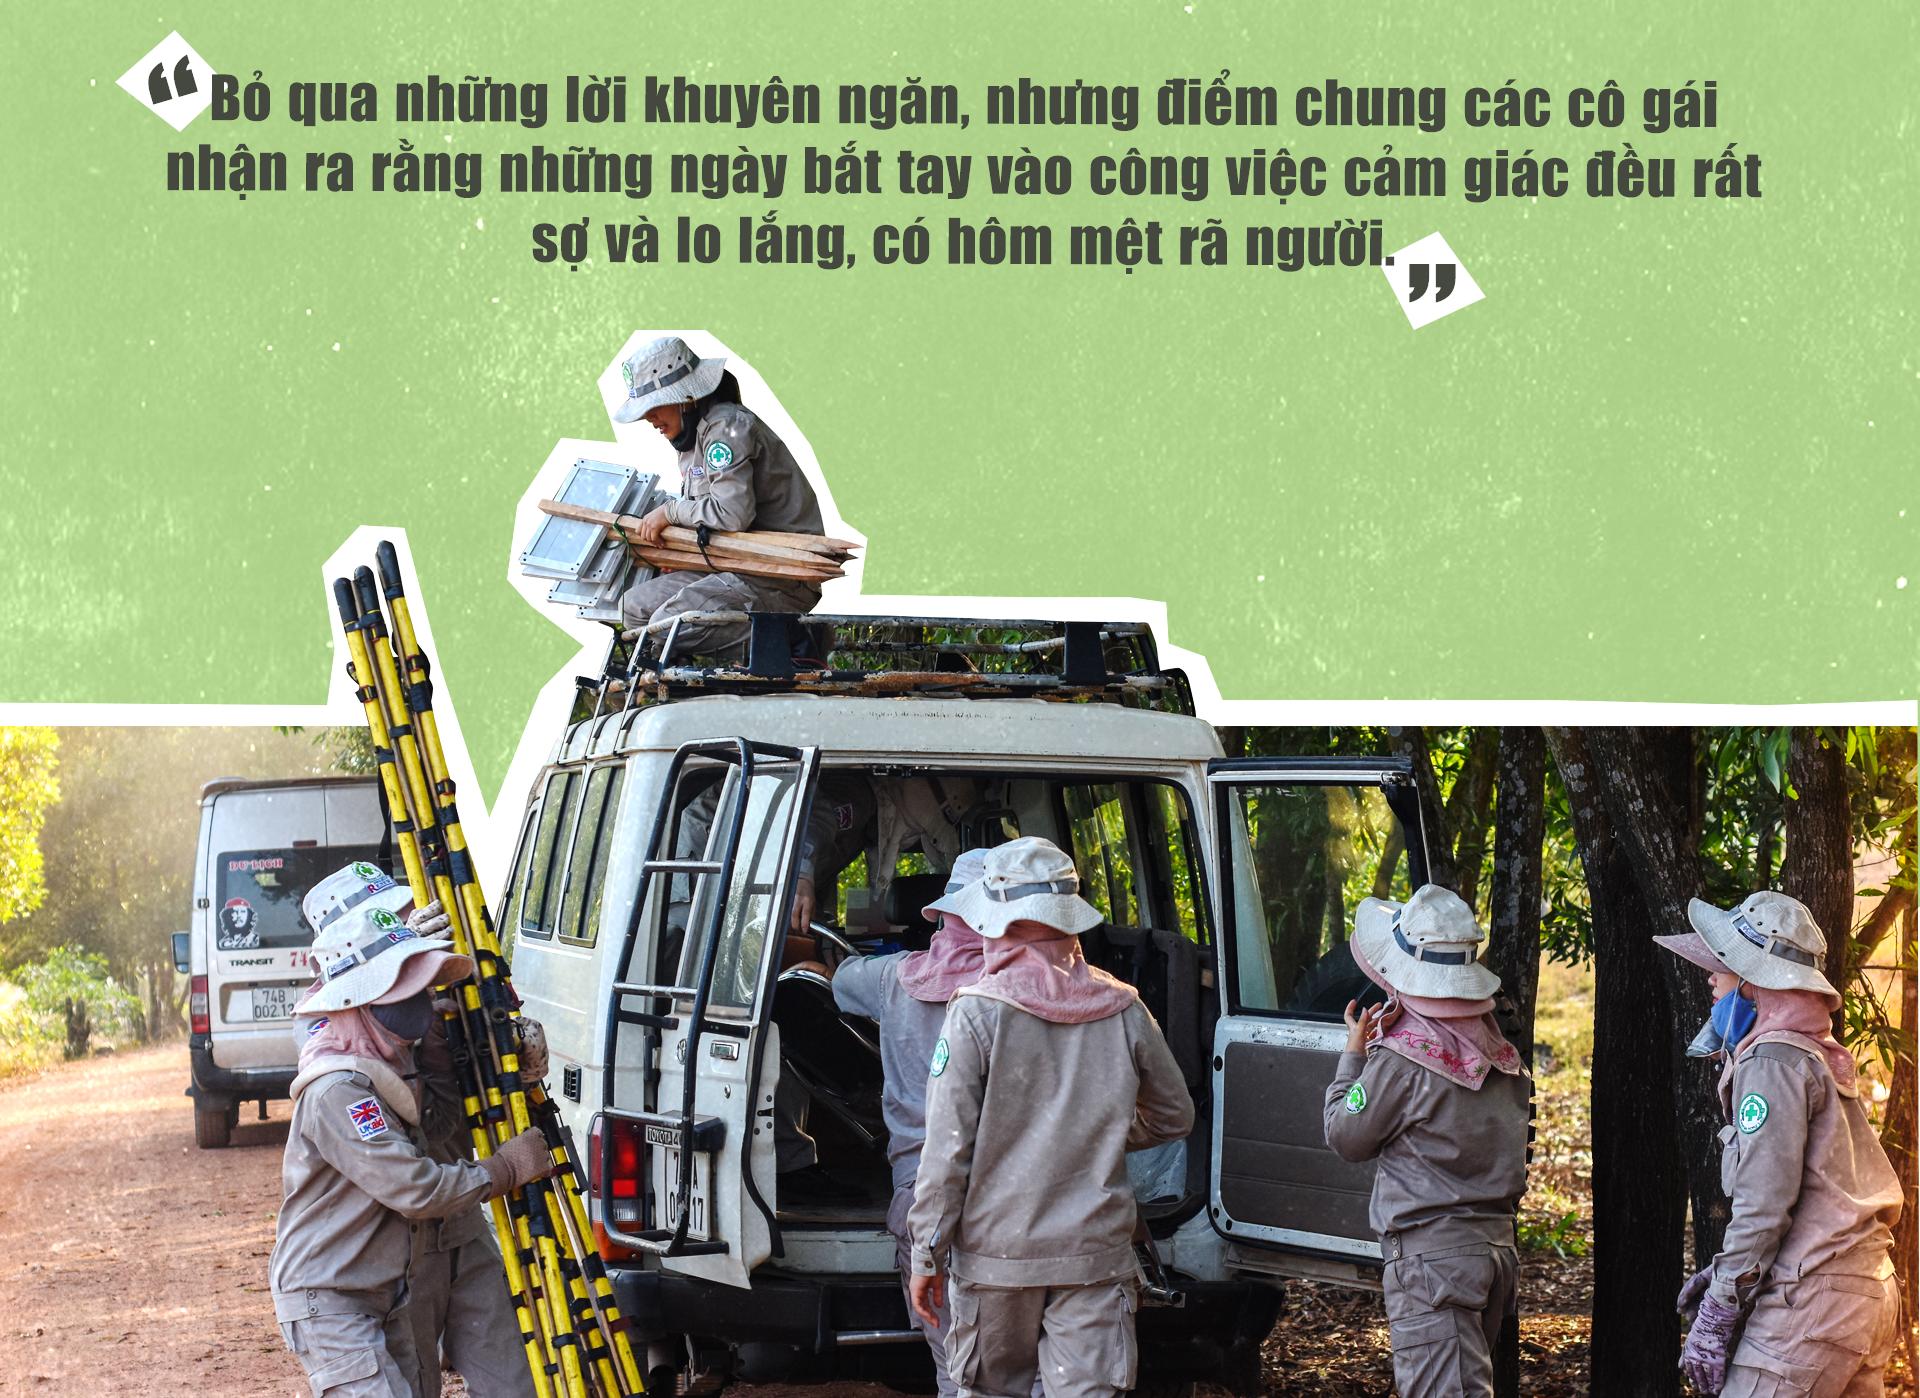 Đội nữ rà phá bom, mìn vùng 'đất lửa' Quảng Trị - ảnh 6